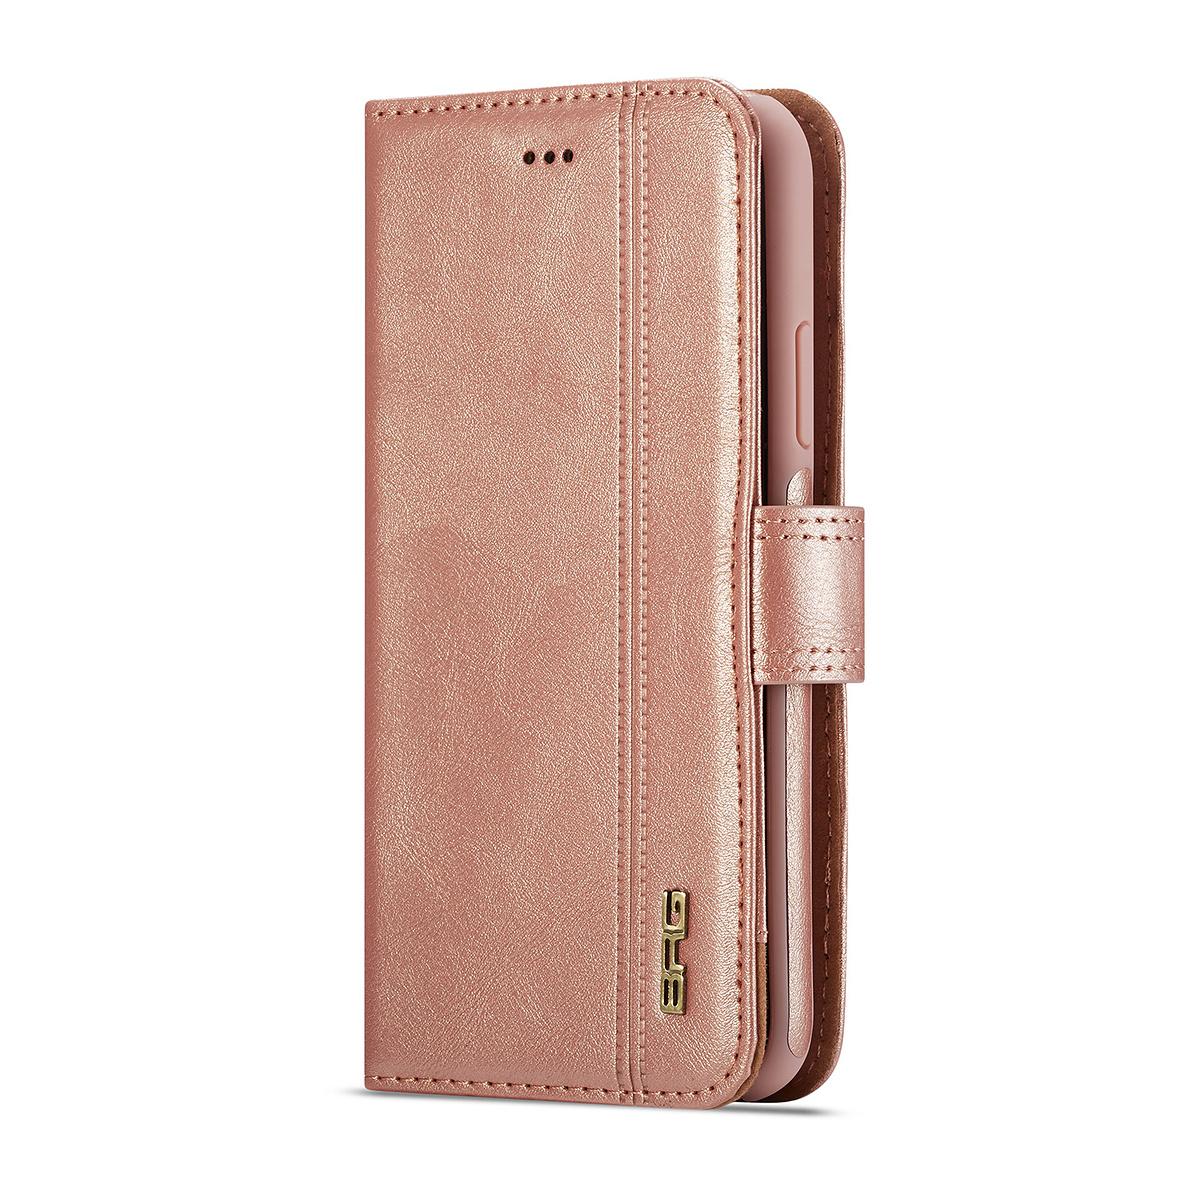 BRG Luxury plånboksfodral med ställ till iPhone XS Max, rosa